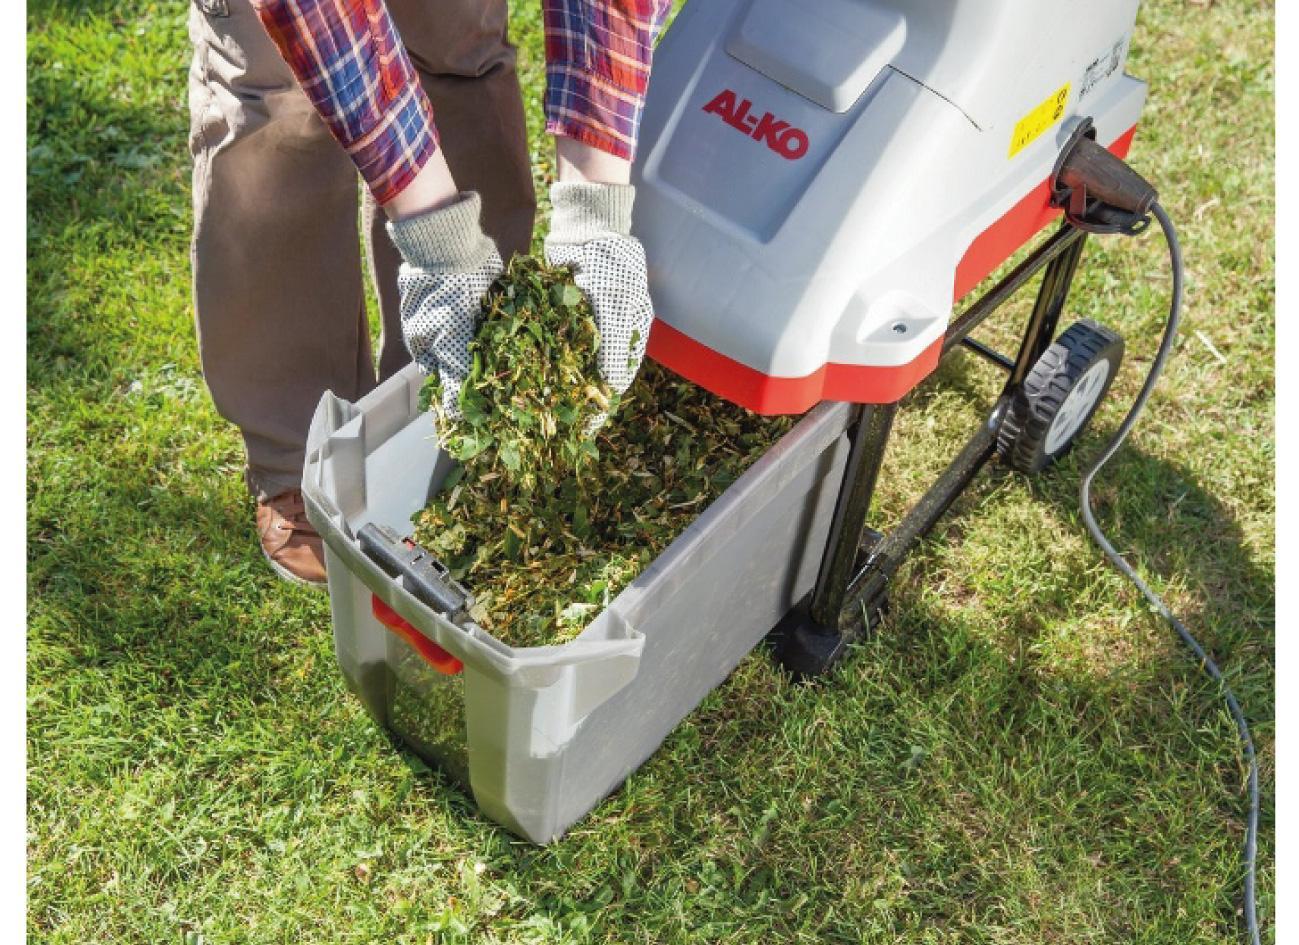 Как сделать садовый измельчитель для травы и веток своими руками из стиральной машины триммера болгарки